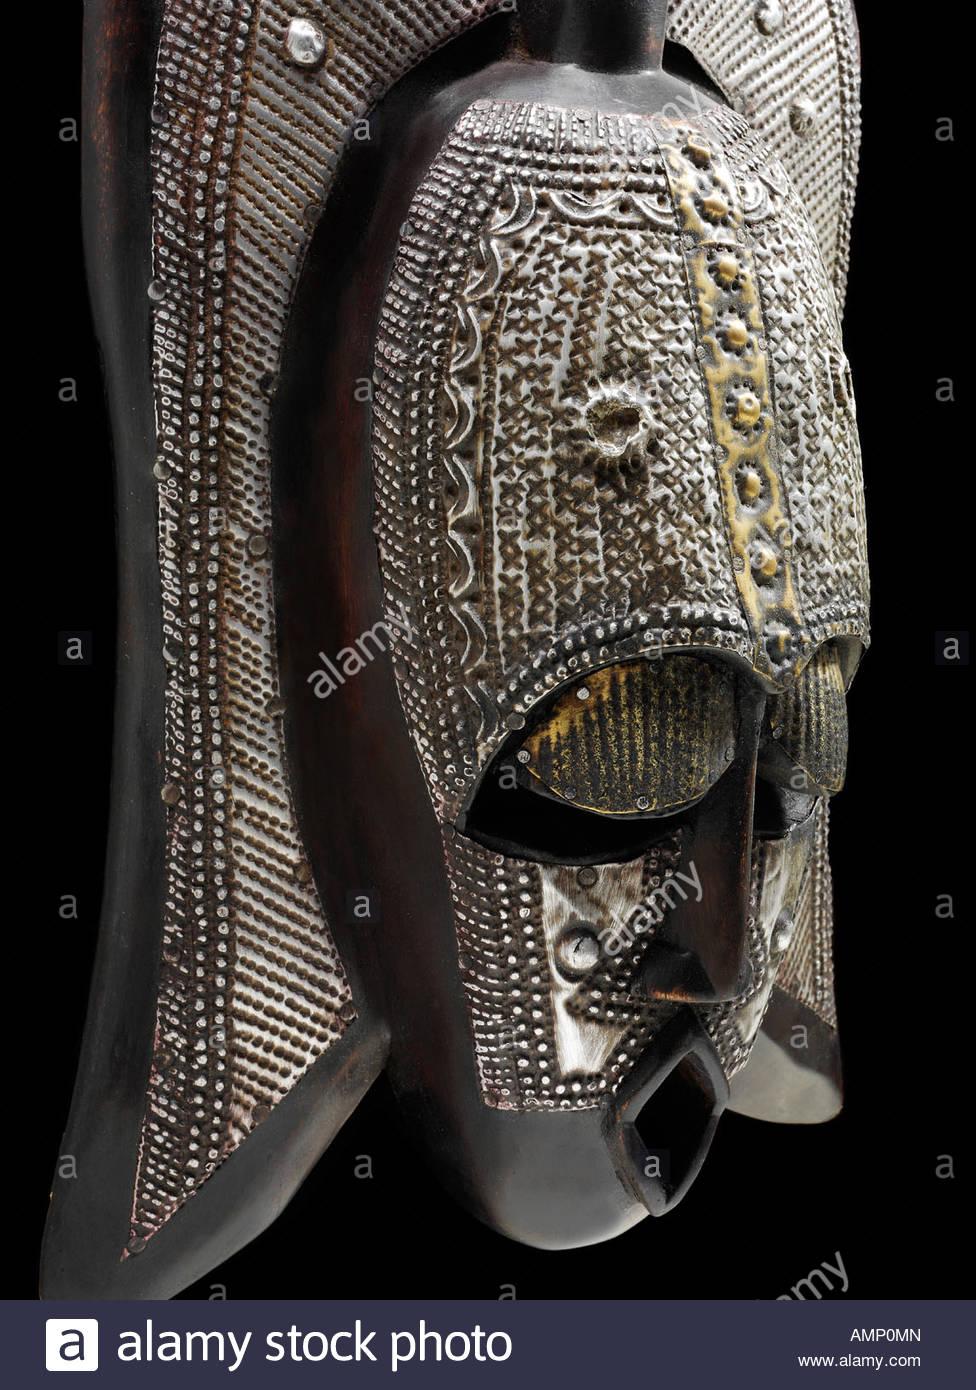 Máscara africana tradicional étnica utilizada para danzas tribales y eventos. Tallado en madera. El arte Imagen De Stock